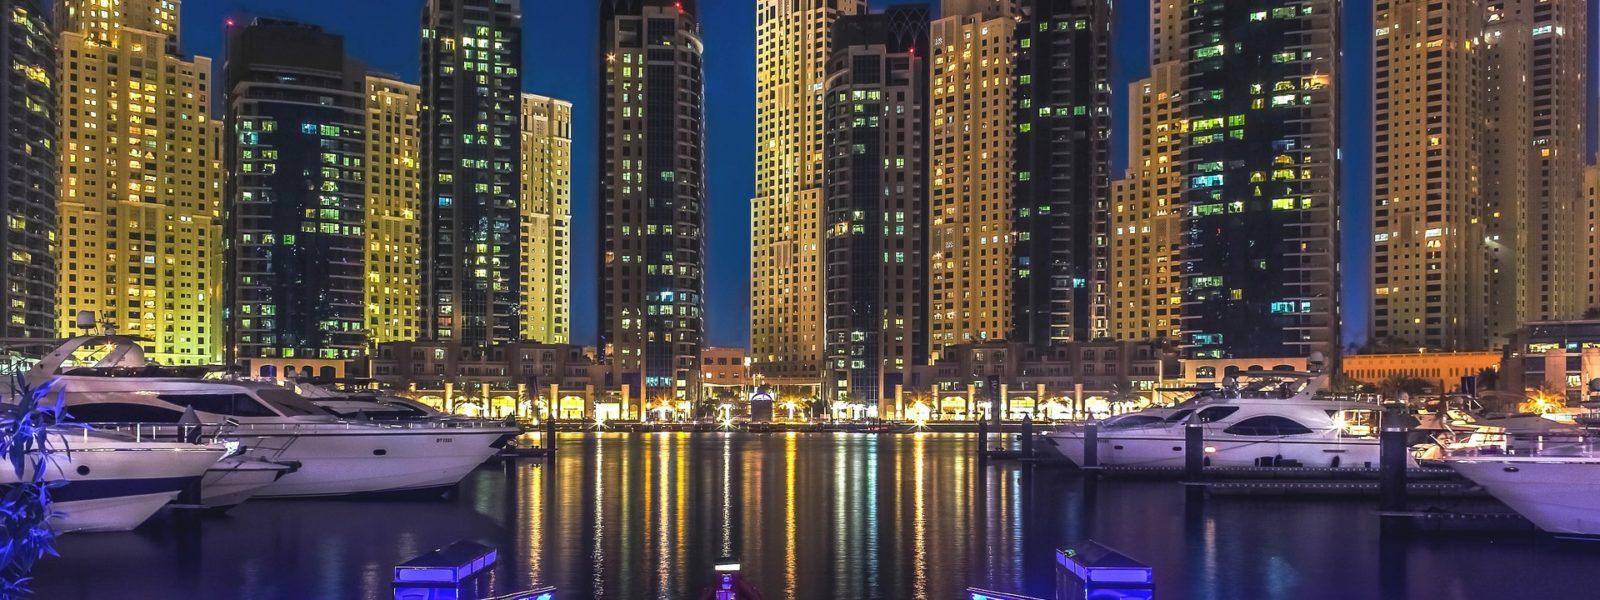 ما ينبغي عليك معرفته قبل السفر                إلى دبي